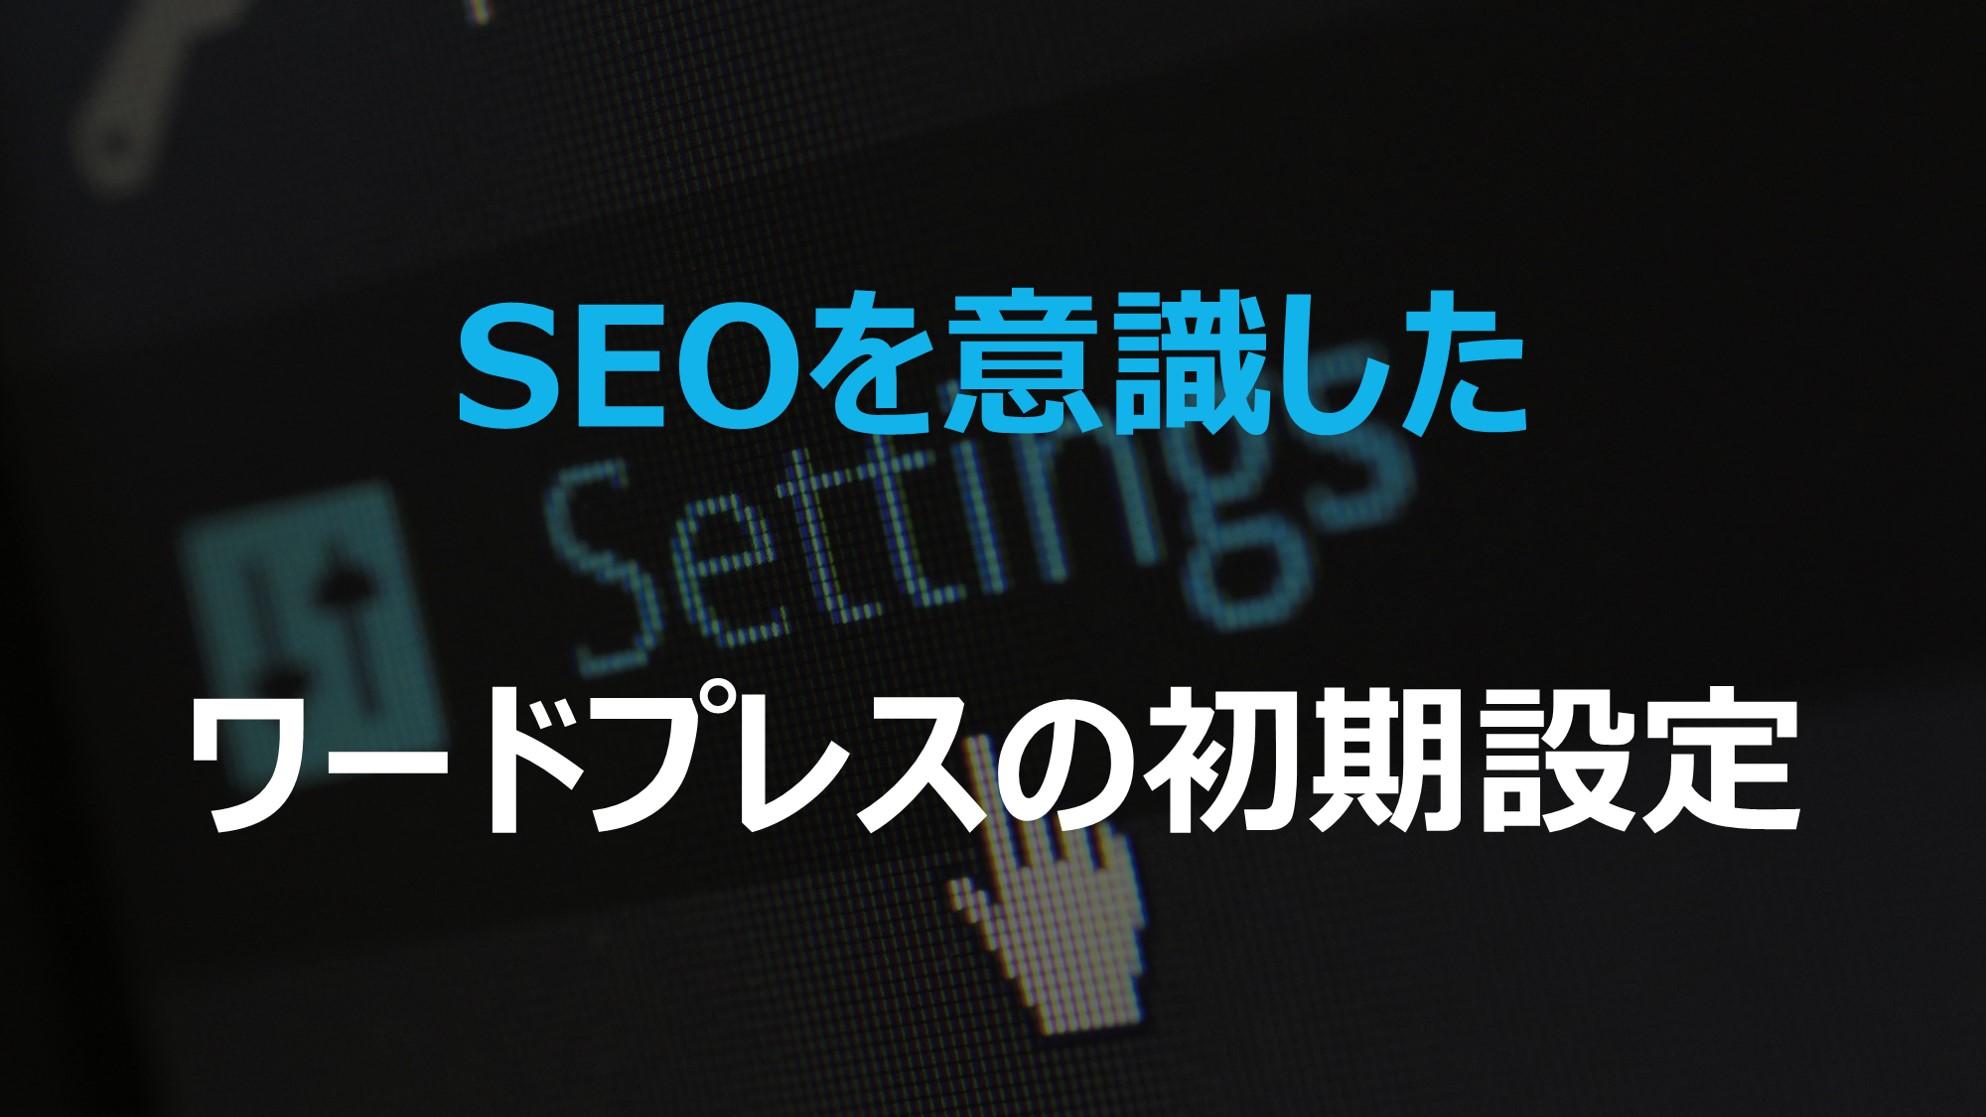 SEOを意識したワードプレスの初期設定方法を解説